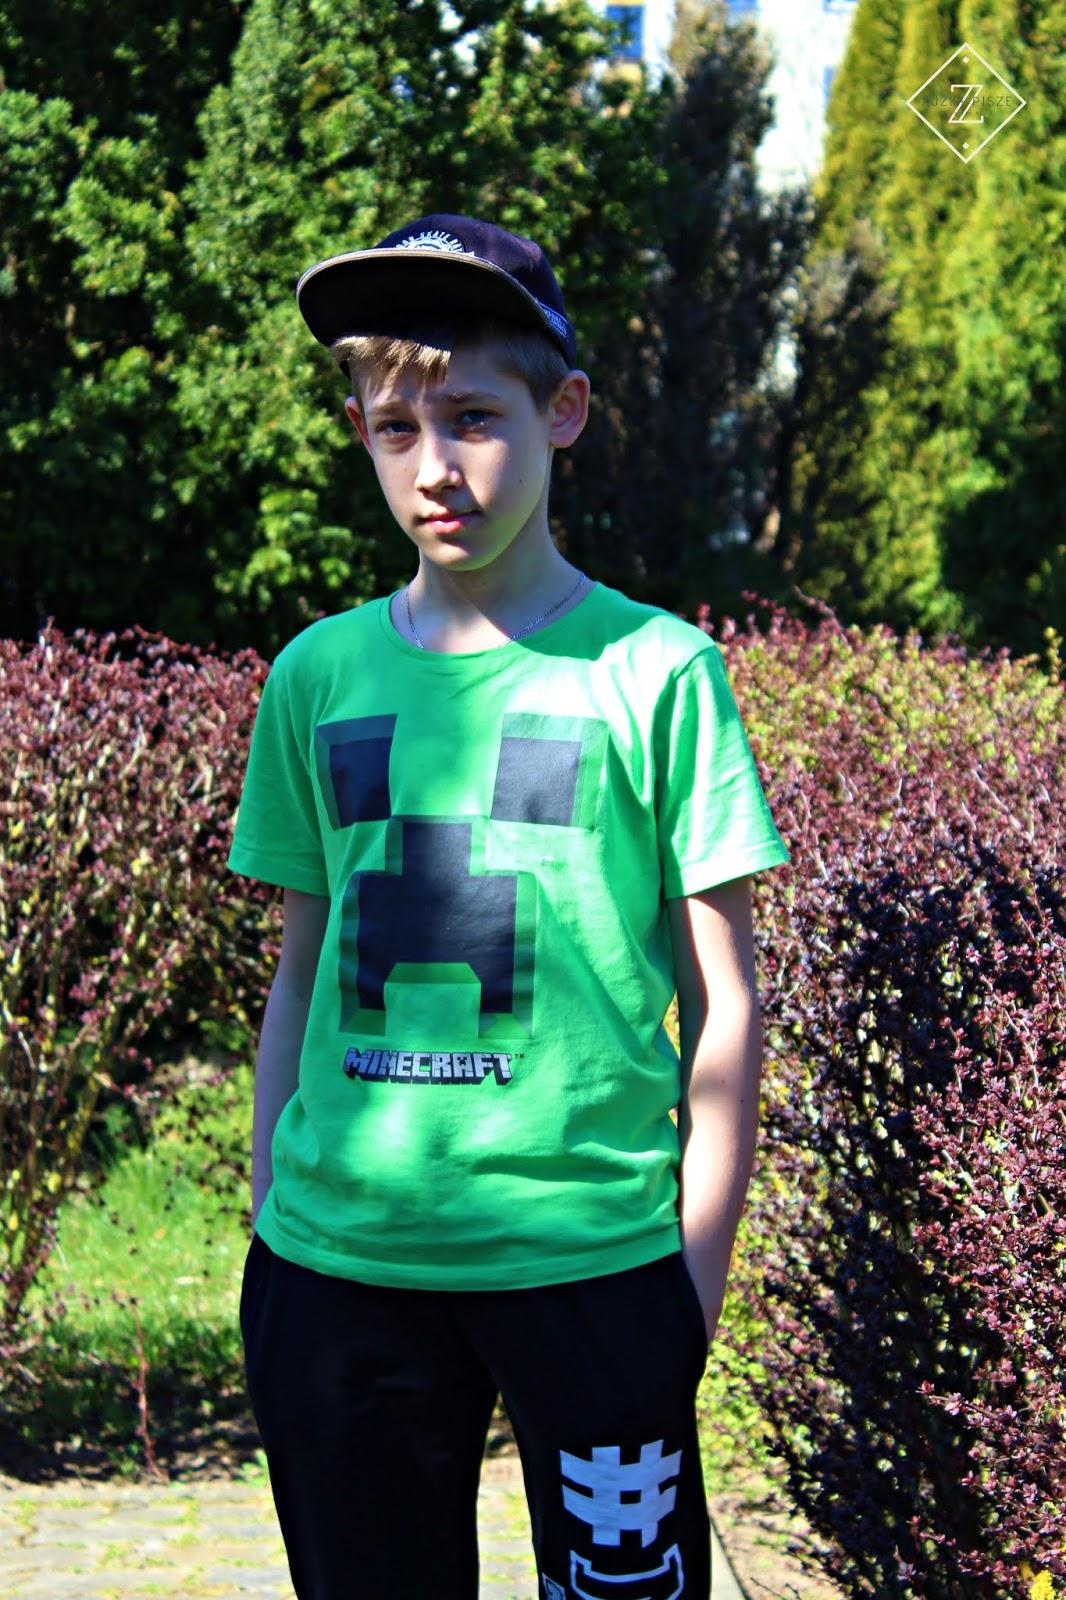 Stylizacja dla nastolatka - BONPRIX z koszulką dla gracza minecraft